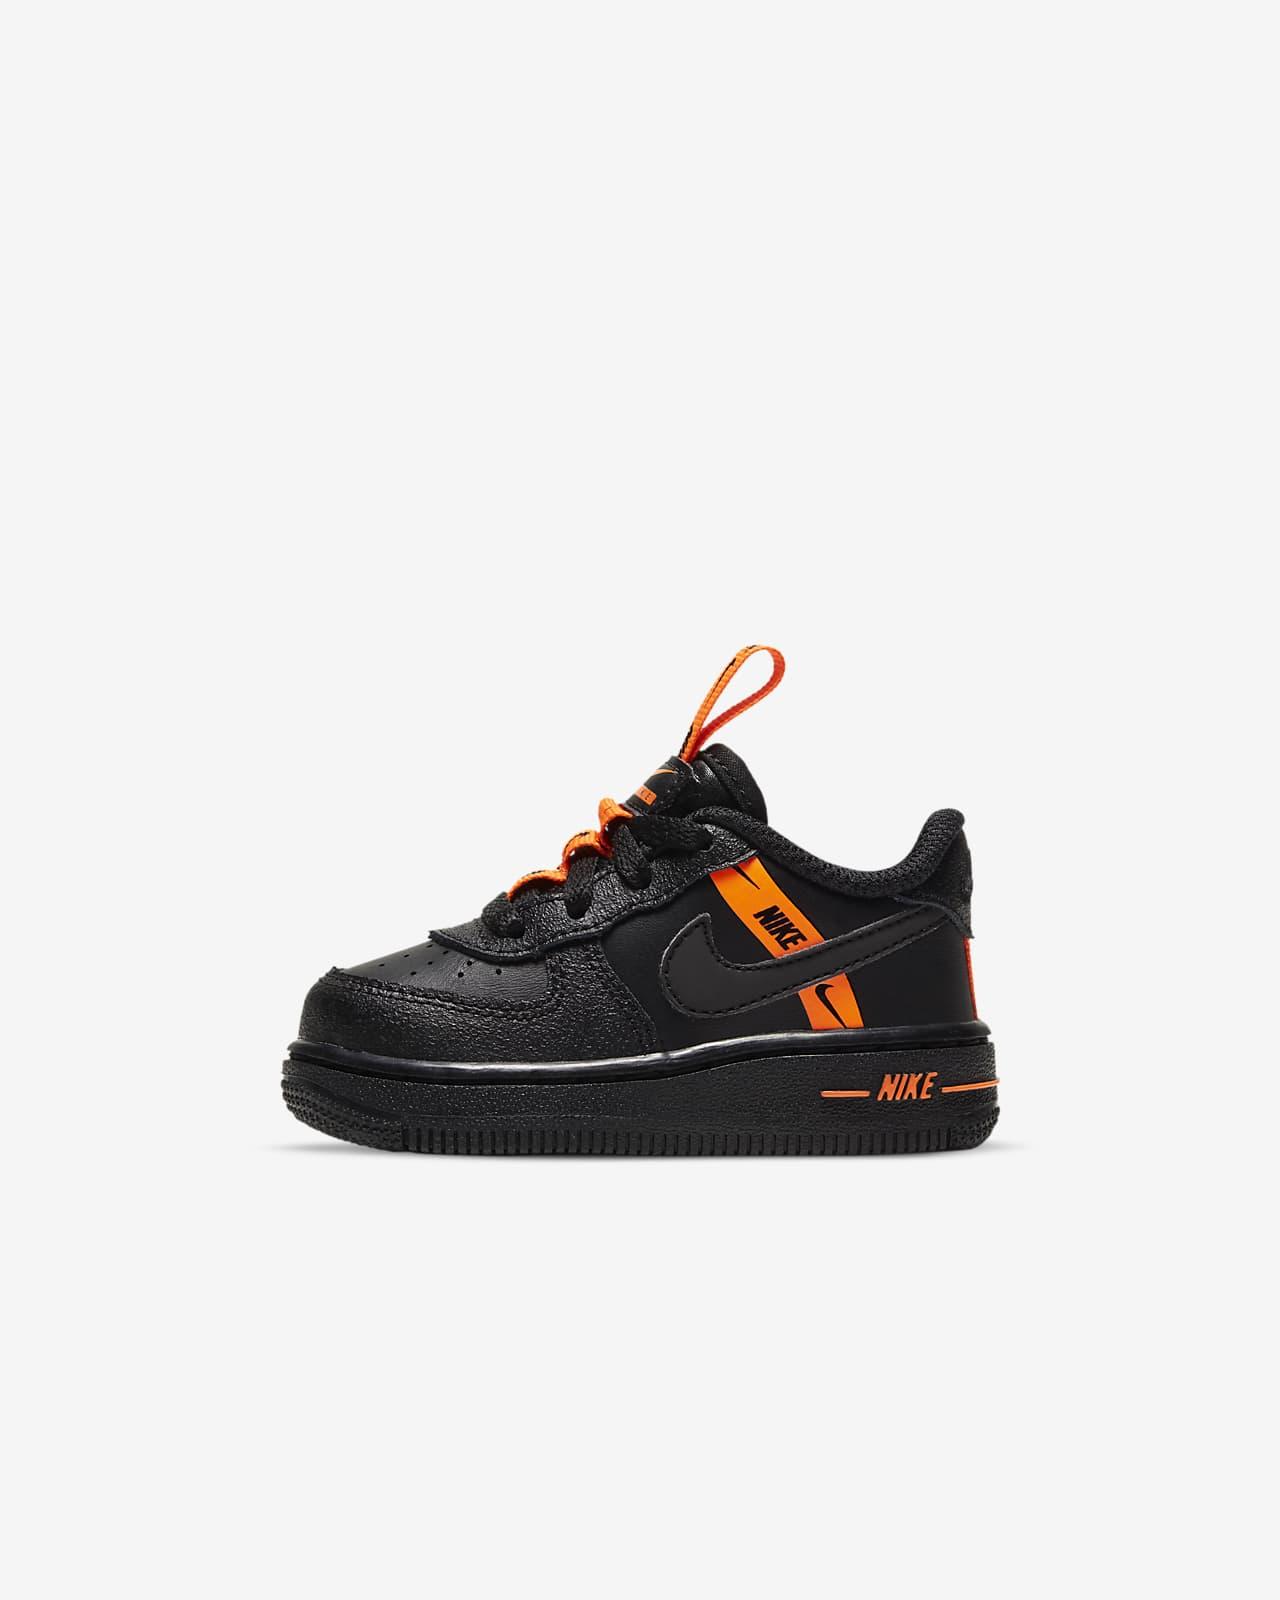 Chaussure Nike Force 1 LV8 KSA pour Bébé et Petit enfant